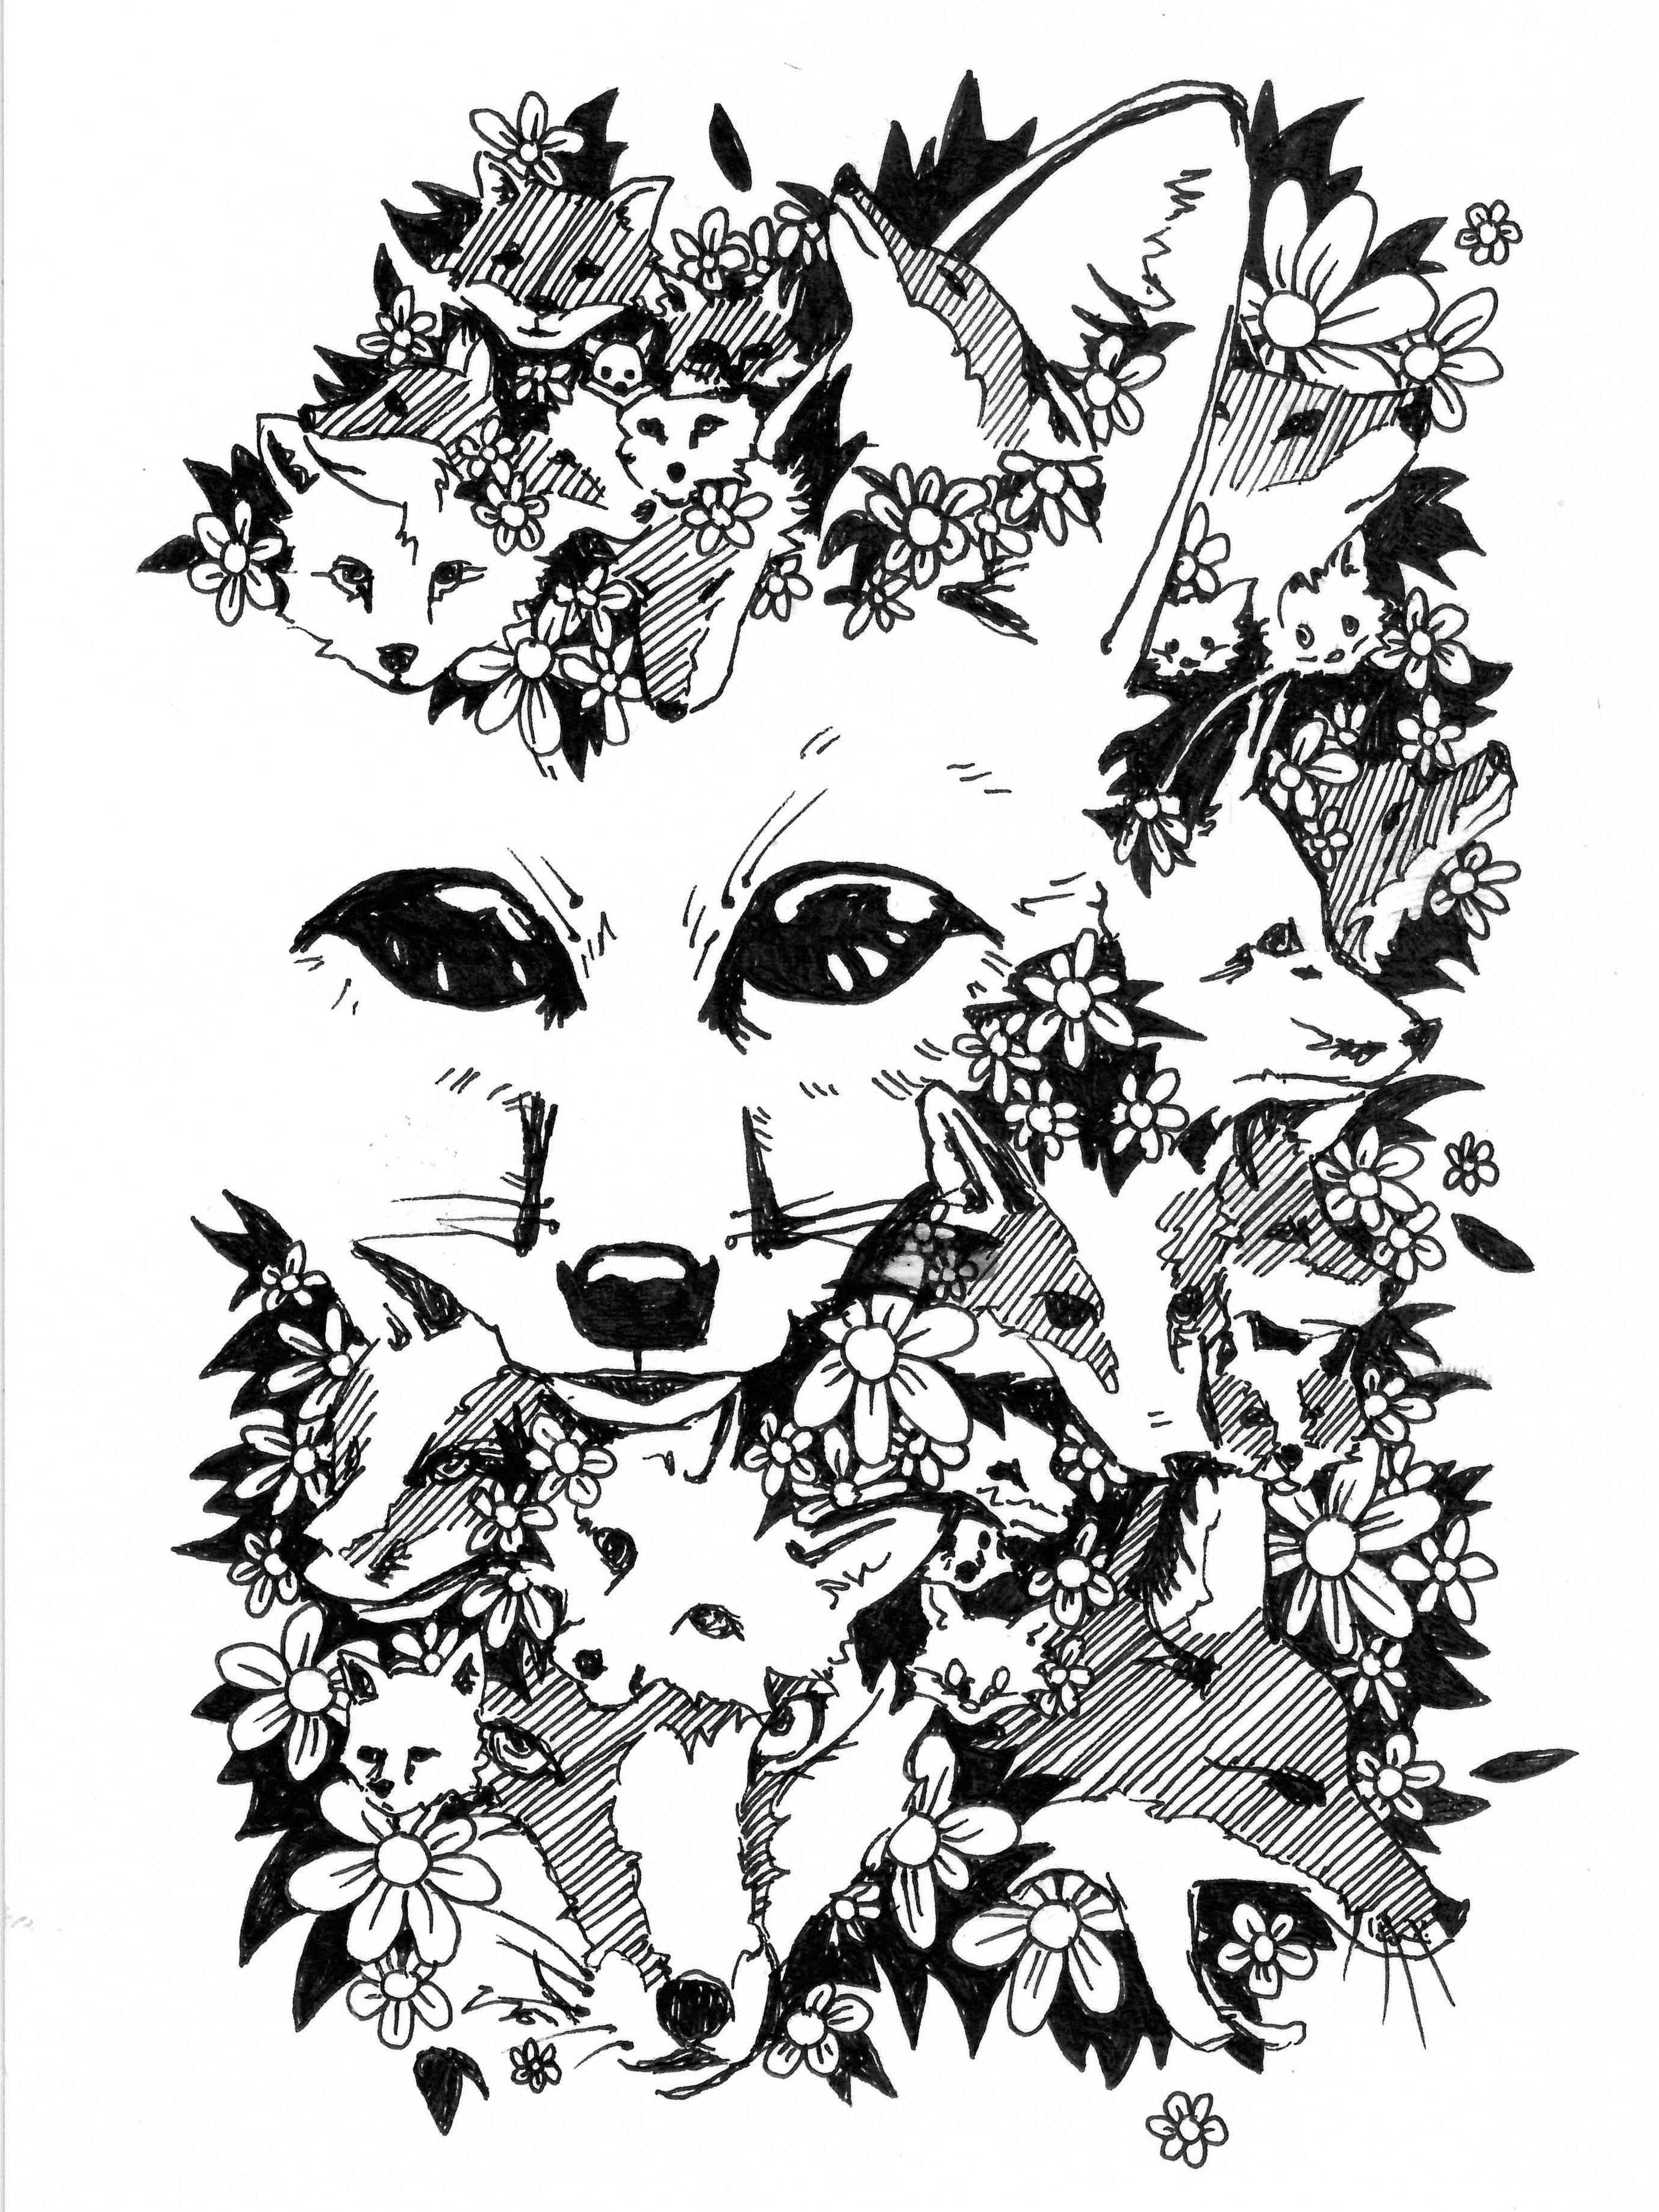 Foxy. Ink, 7 H x 5 W, 2018